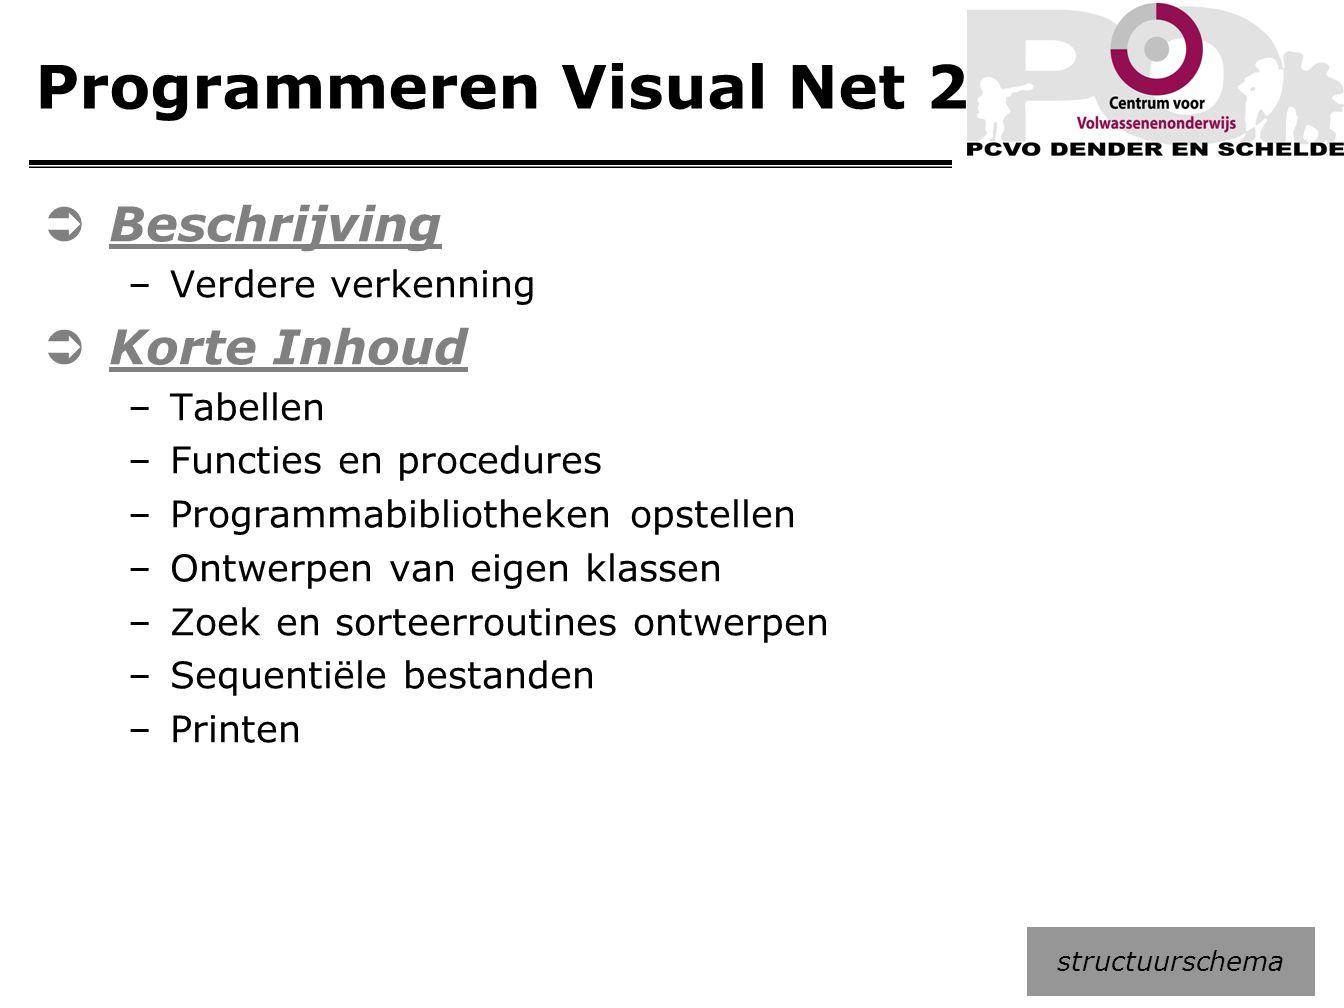 Programmeren Visual Net 2